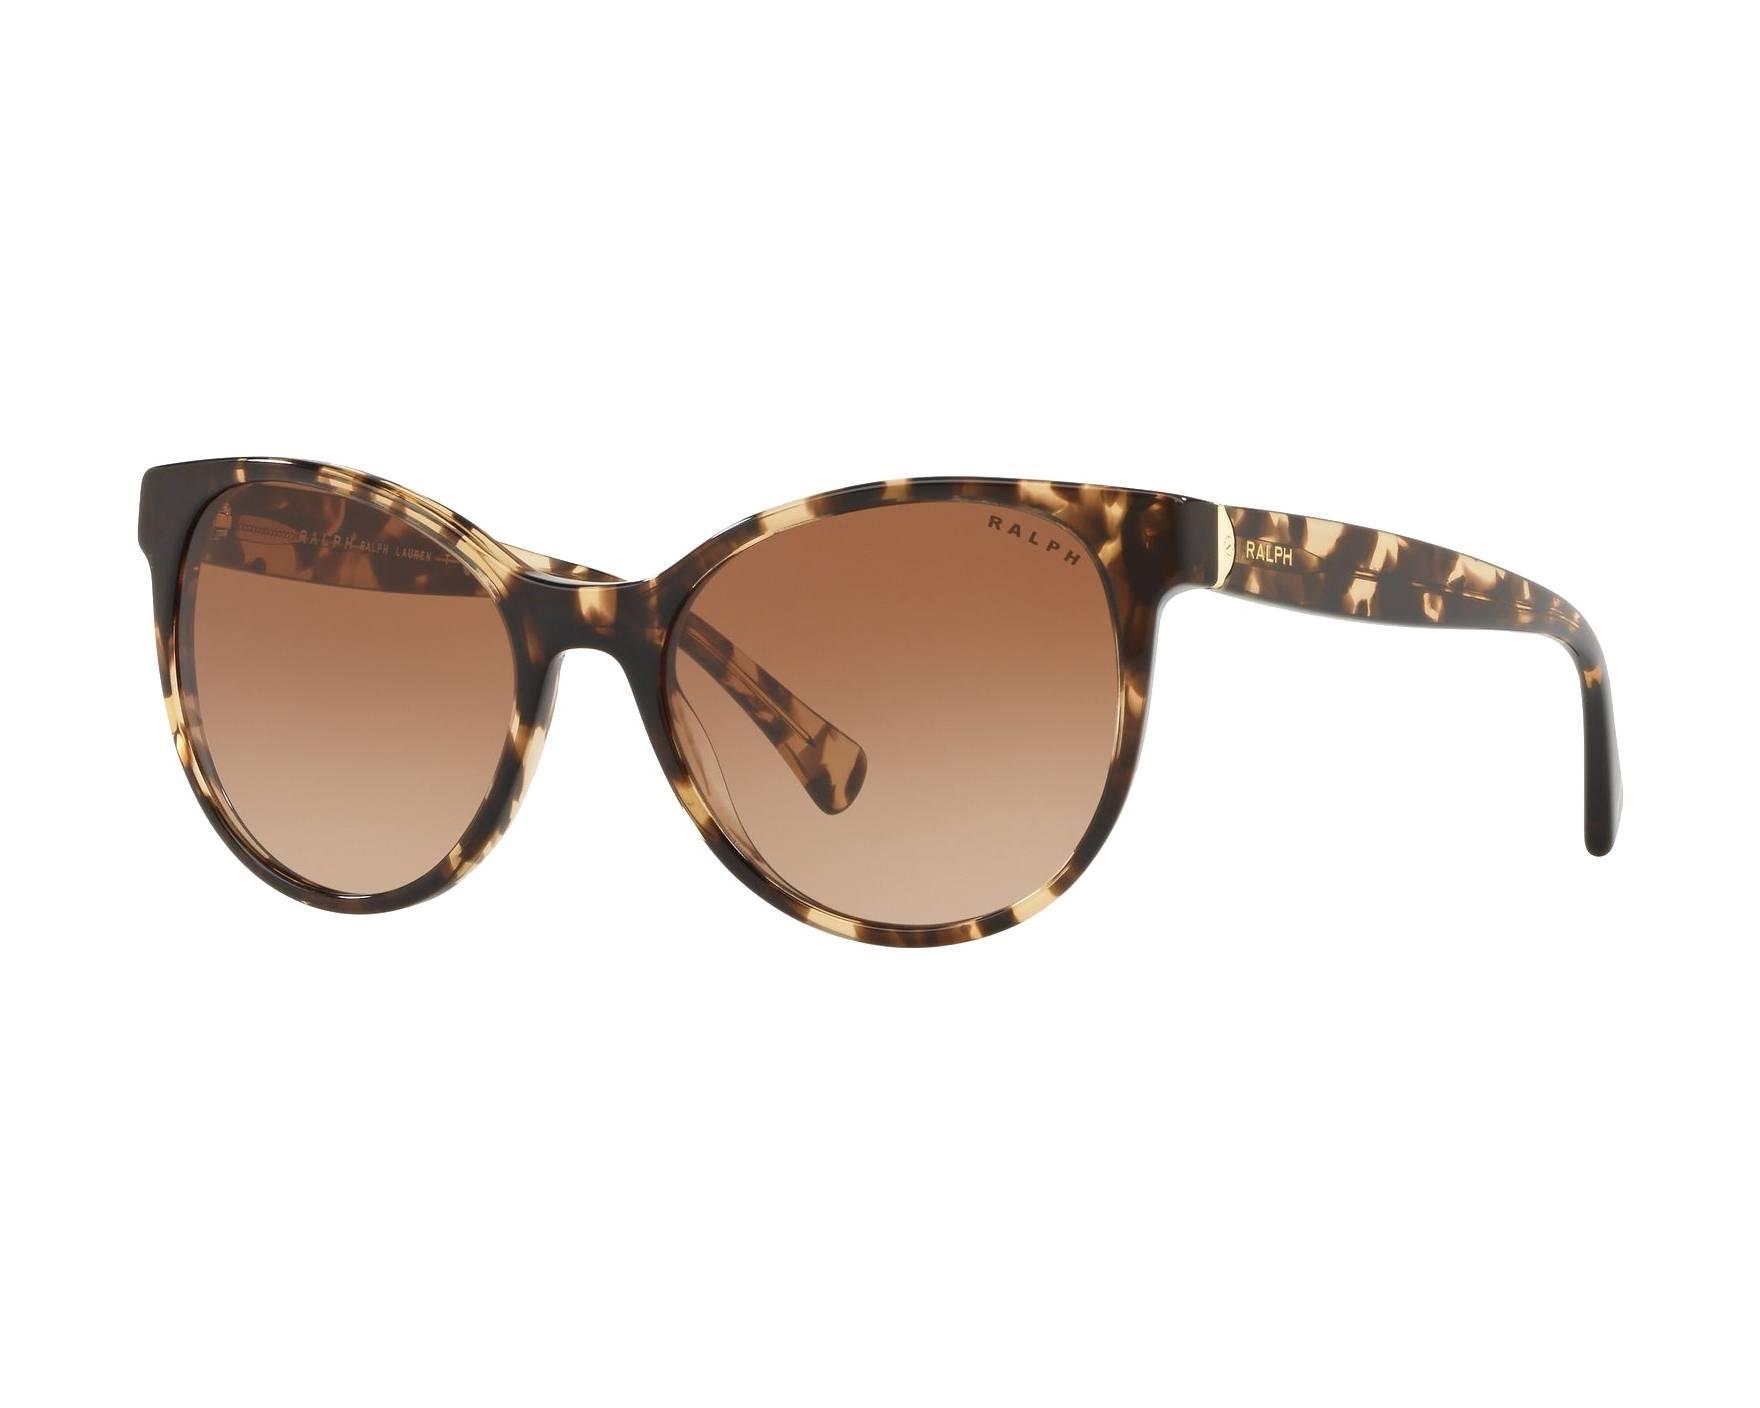 0e096ddec3 Gafas de sol Ralph by Ralph Lauren RA-5250 169113 53-18 Havana